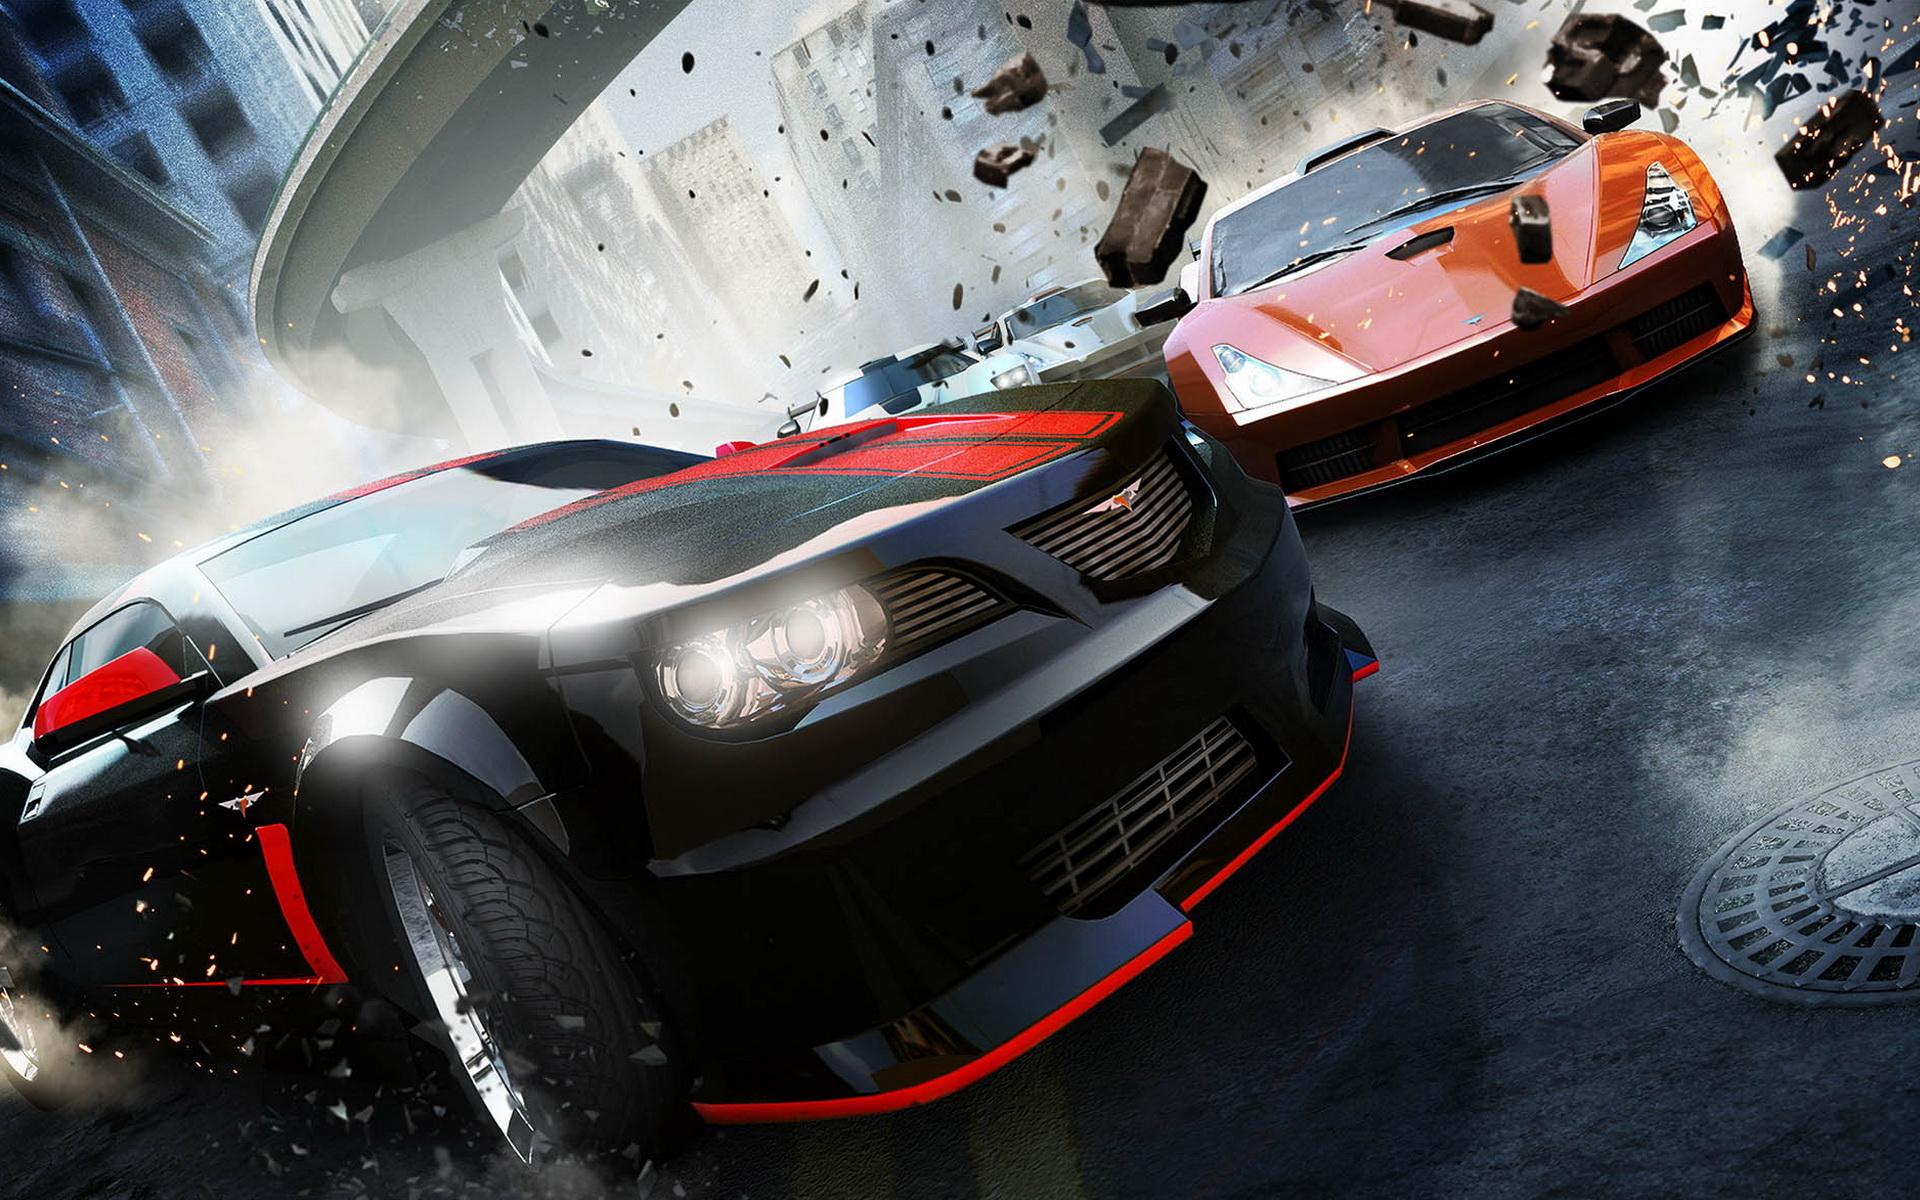 Car game wallpaper hd